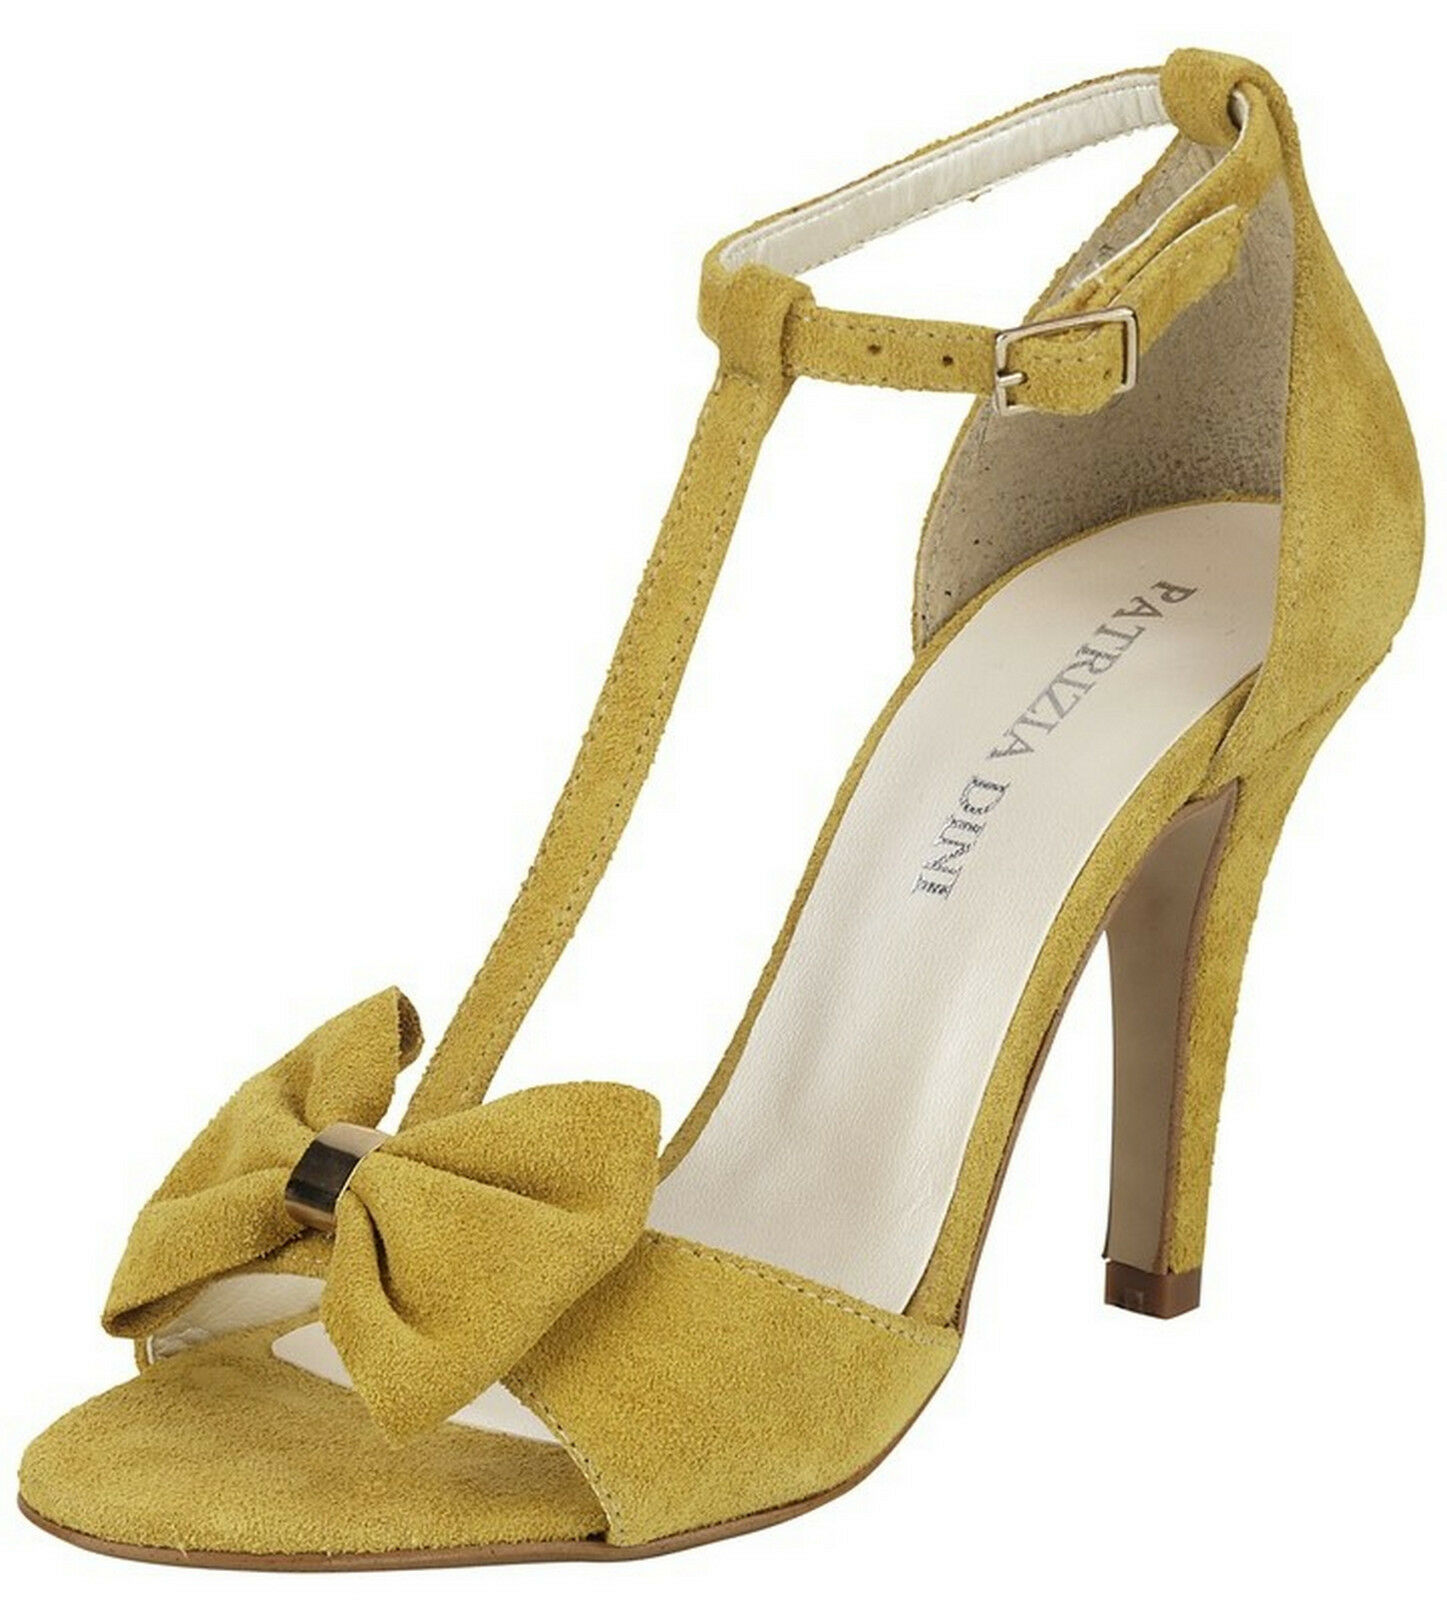 Ladies comfy sandal size 6